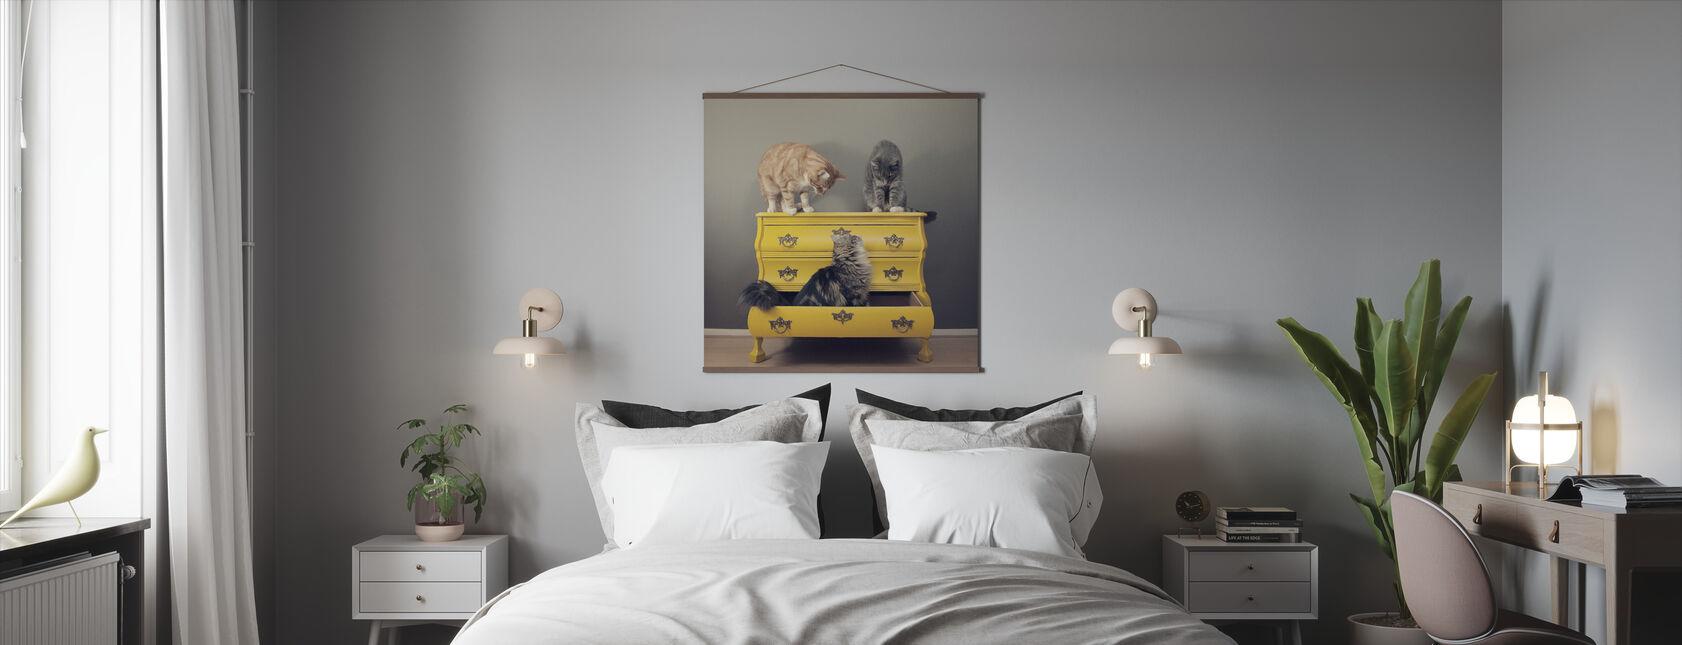 Tapaaminen keltaisessa toimistossa - Juliste - Makuuhuone